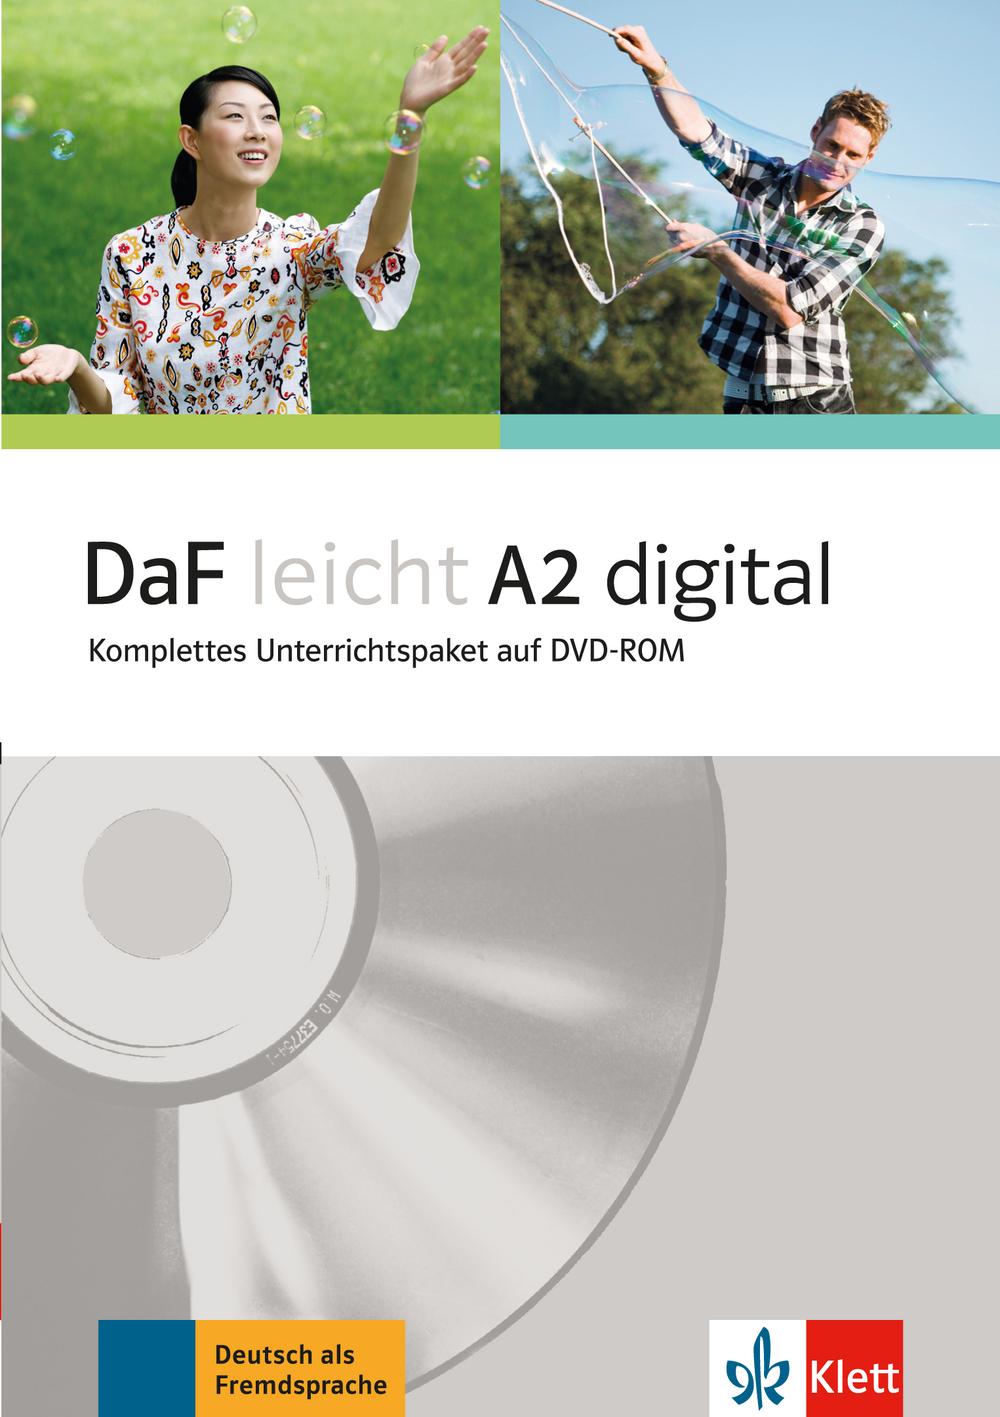 DaF leicht A2 digital